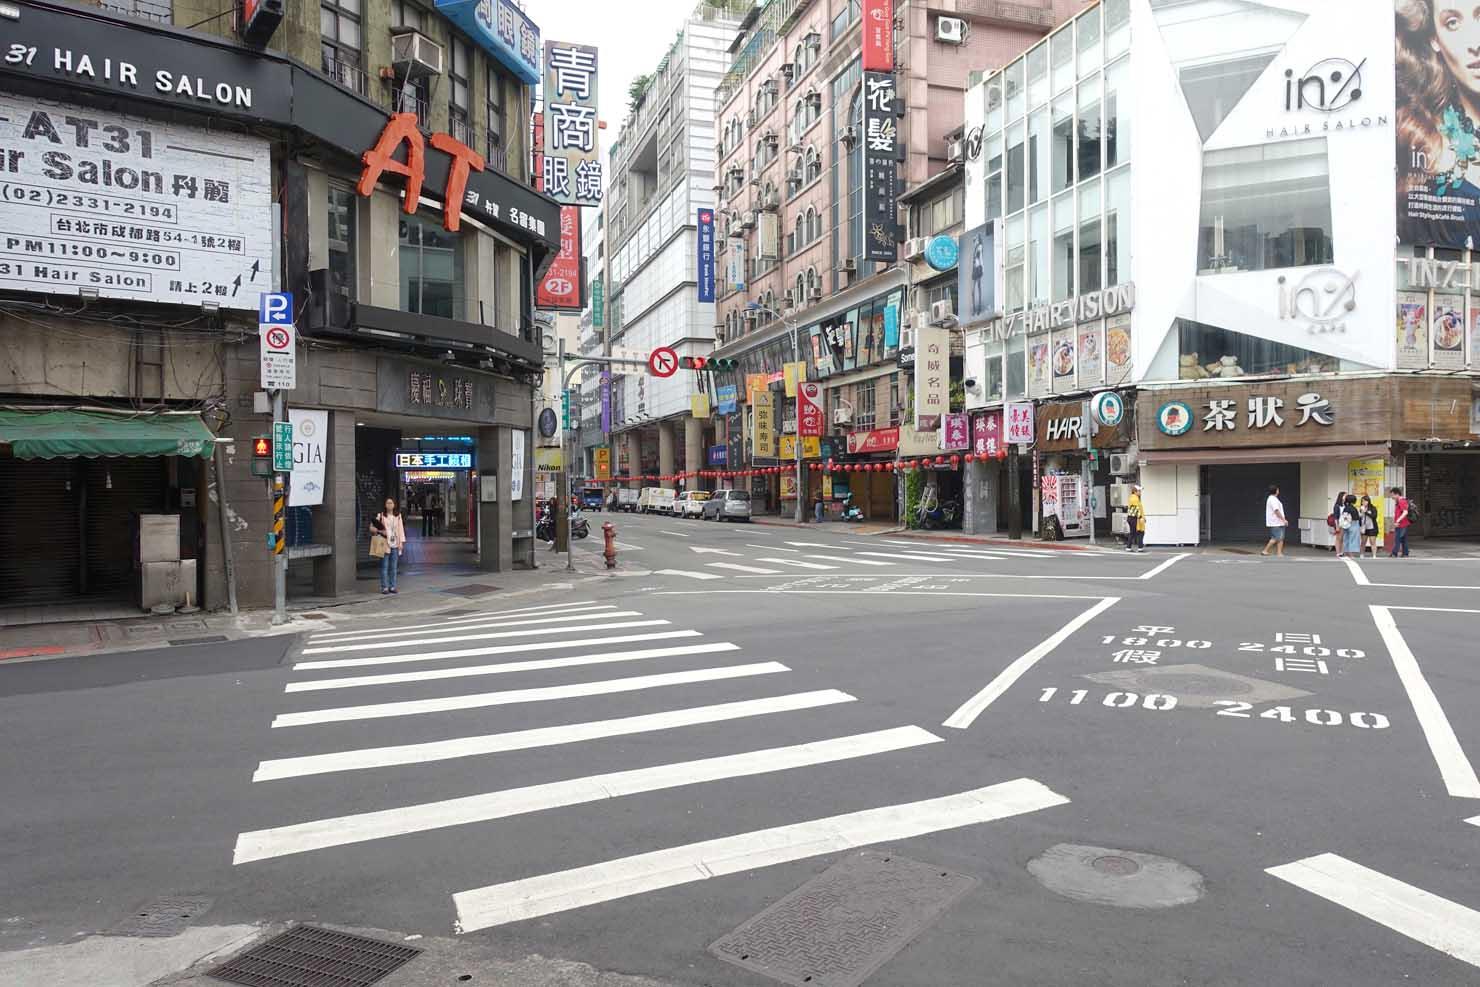 台北・西門町「成都西寧路口」の交差点